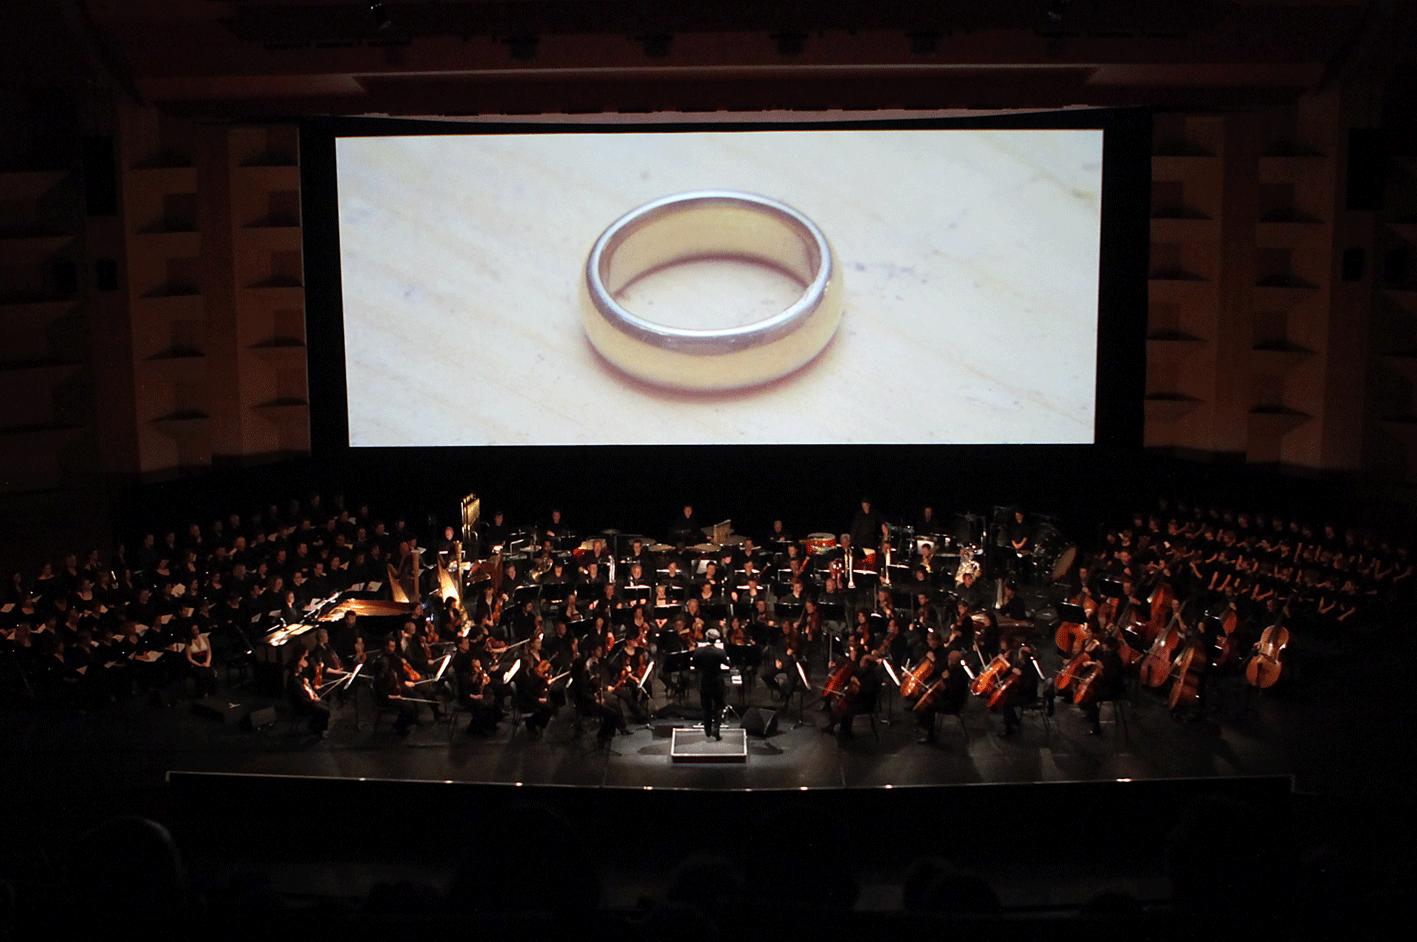 seigneur des anneaux auditorium lyon 2012